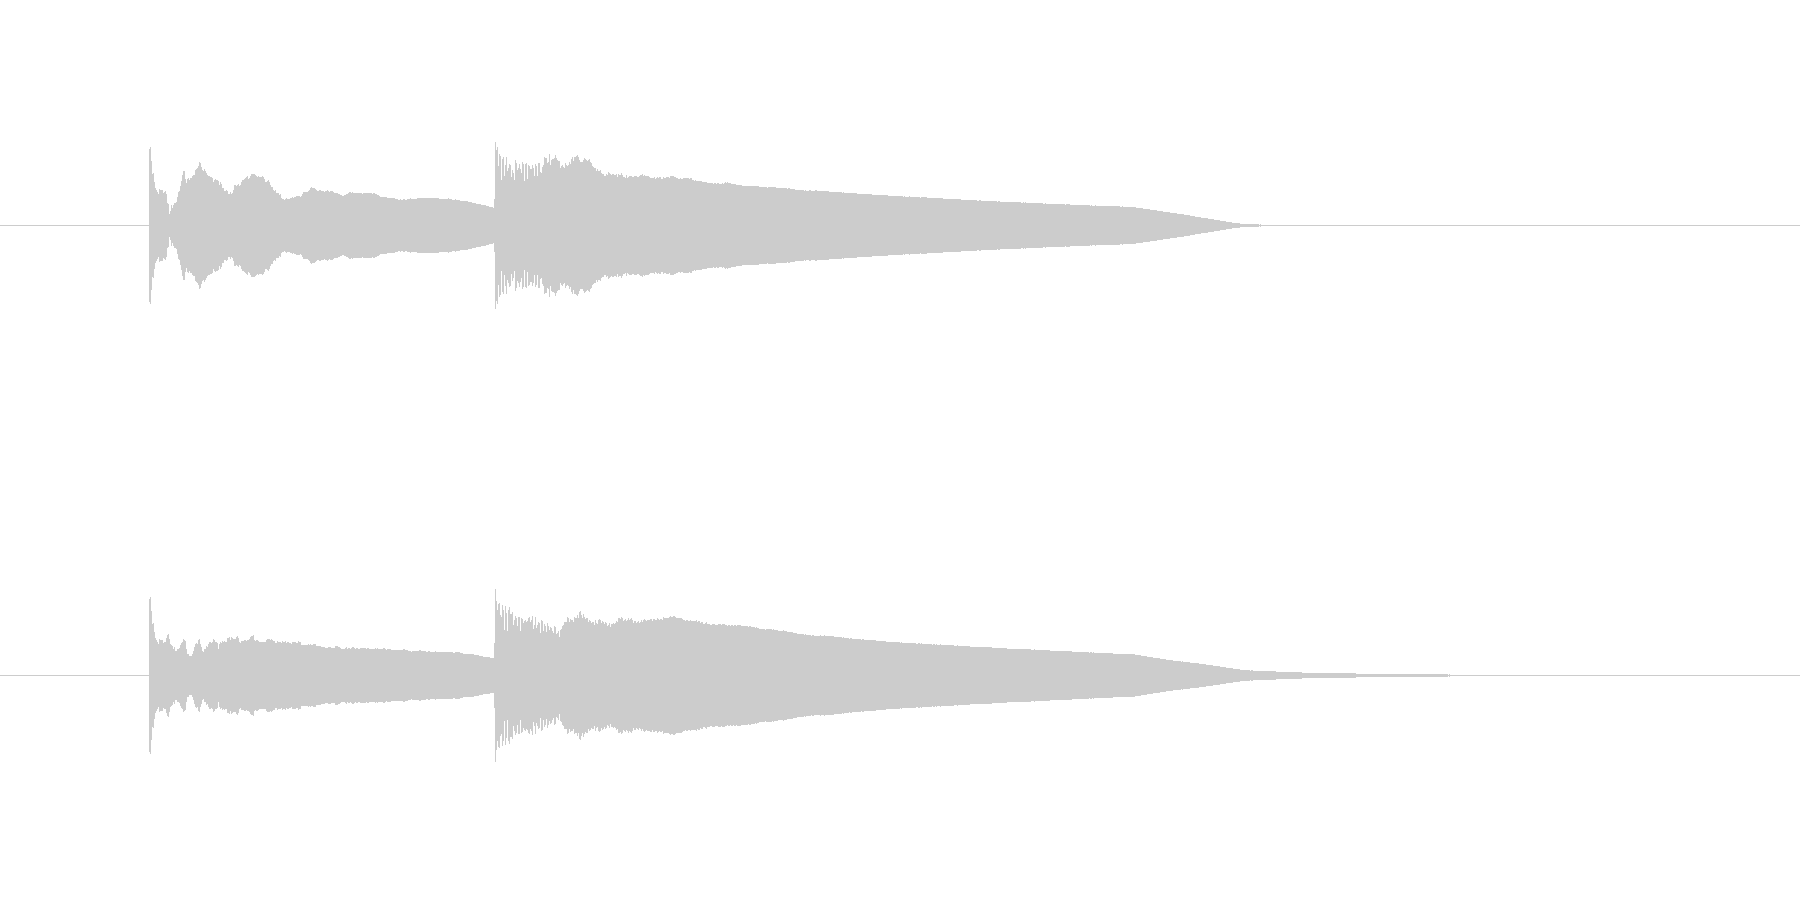 ピンポーンというエレベーター到着音の未再生の波形